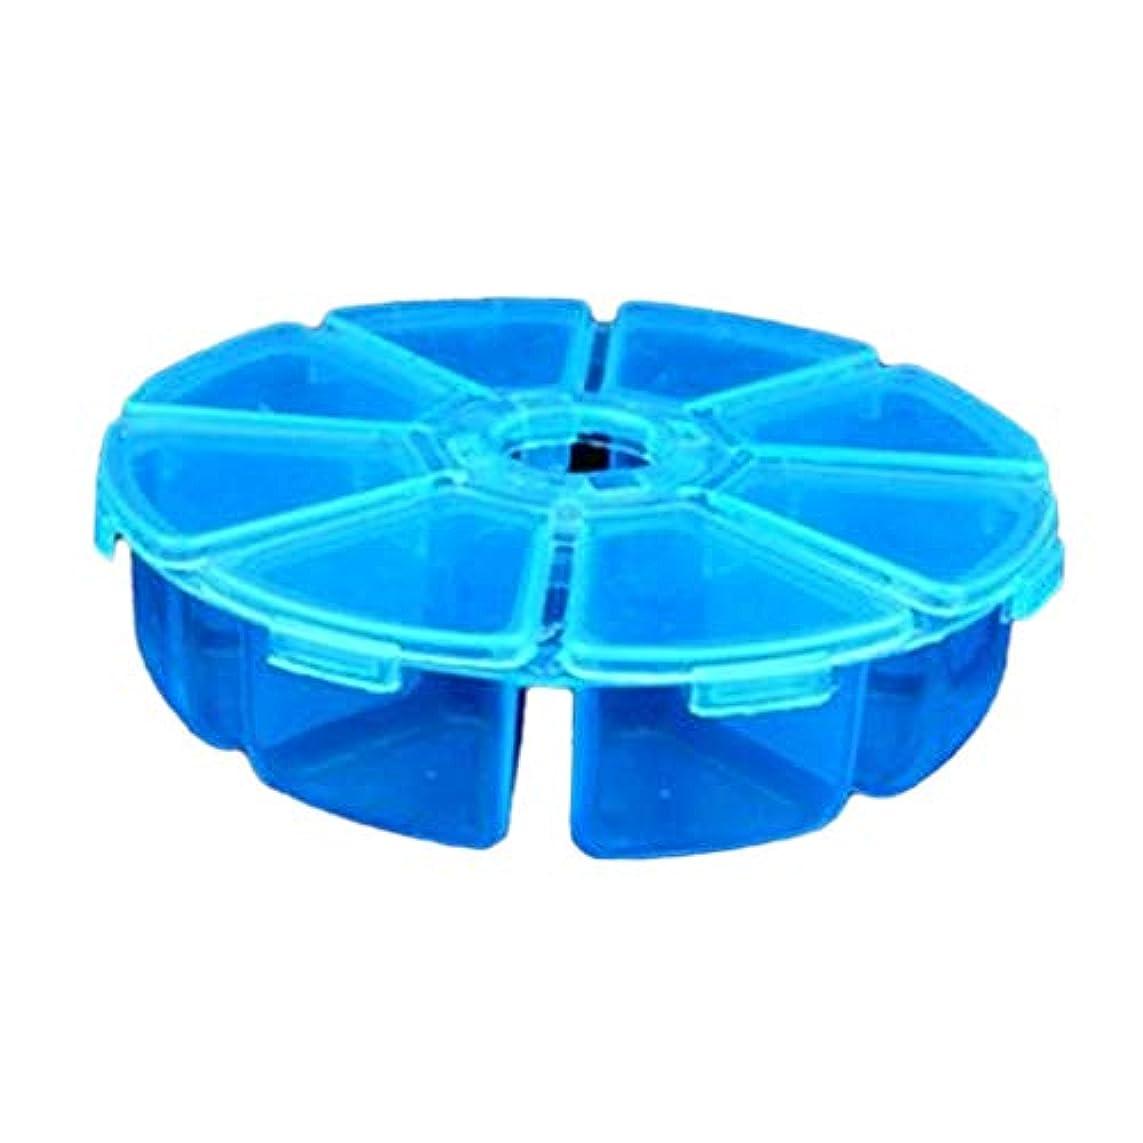 美しい衝突するアトラスPerfeclan ネイルアート 収納ボックス パーツ入れ 整理 円形 8コンパートメント ビーズオーガナイザーケース 全4色 - ブルー